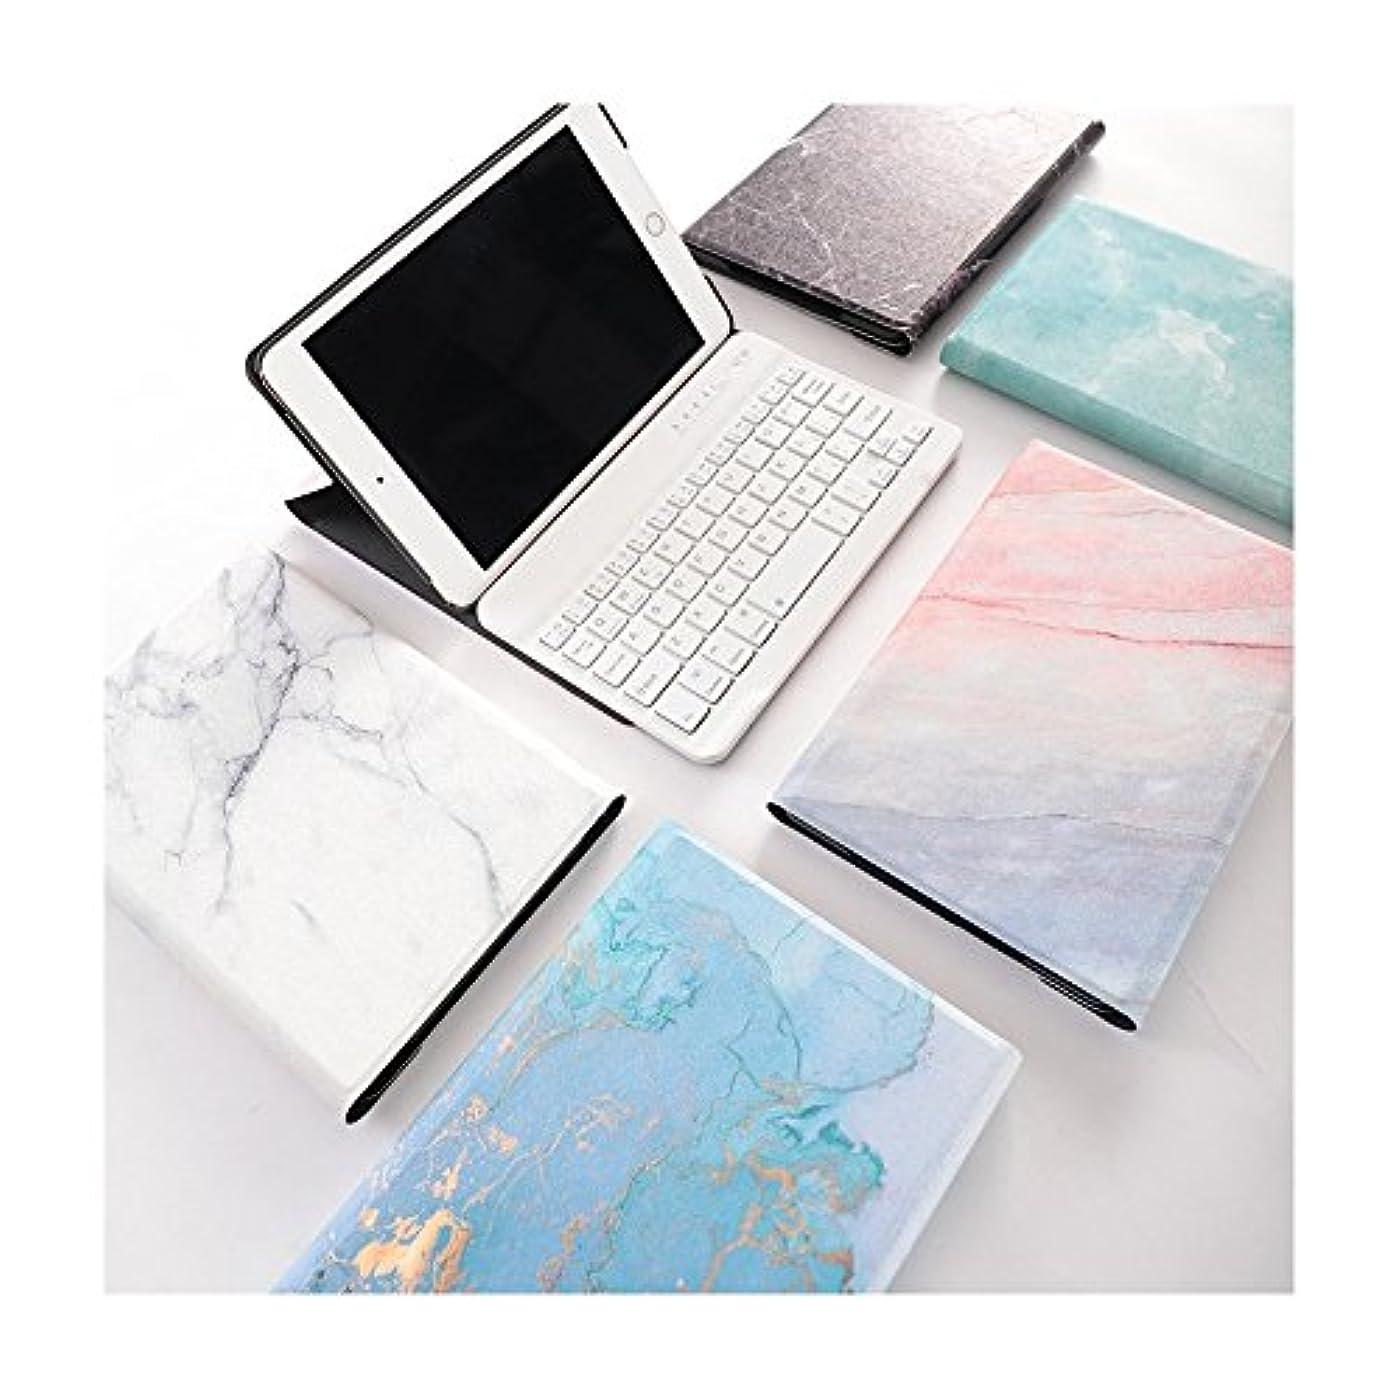 スリッパ群がる式大理石柄 iPad アイパッド 9.7インチ iPad6 iPad5 iPadPro9.7 iPad Air 2 キーボード ケース カバー ペンホルダー付き 2018 第6世代 2017 アイパッド9.7 分離式 キーボード付き 可愛い お洒落 女性 人気 キーボードケース (iPad6/iPad5/iPadPro9.7/iPadAir/Air2兼用(ペンホルダー内蔵), ブルー+ピンク+白キーボード)